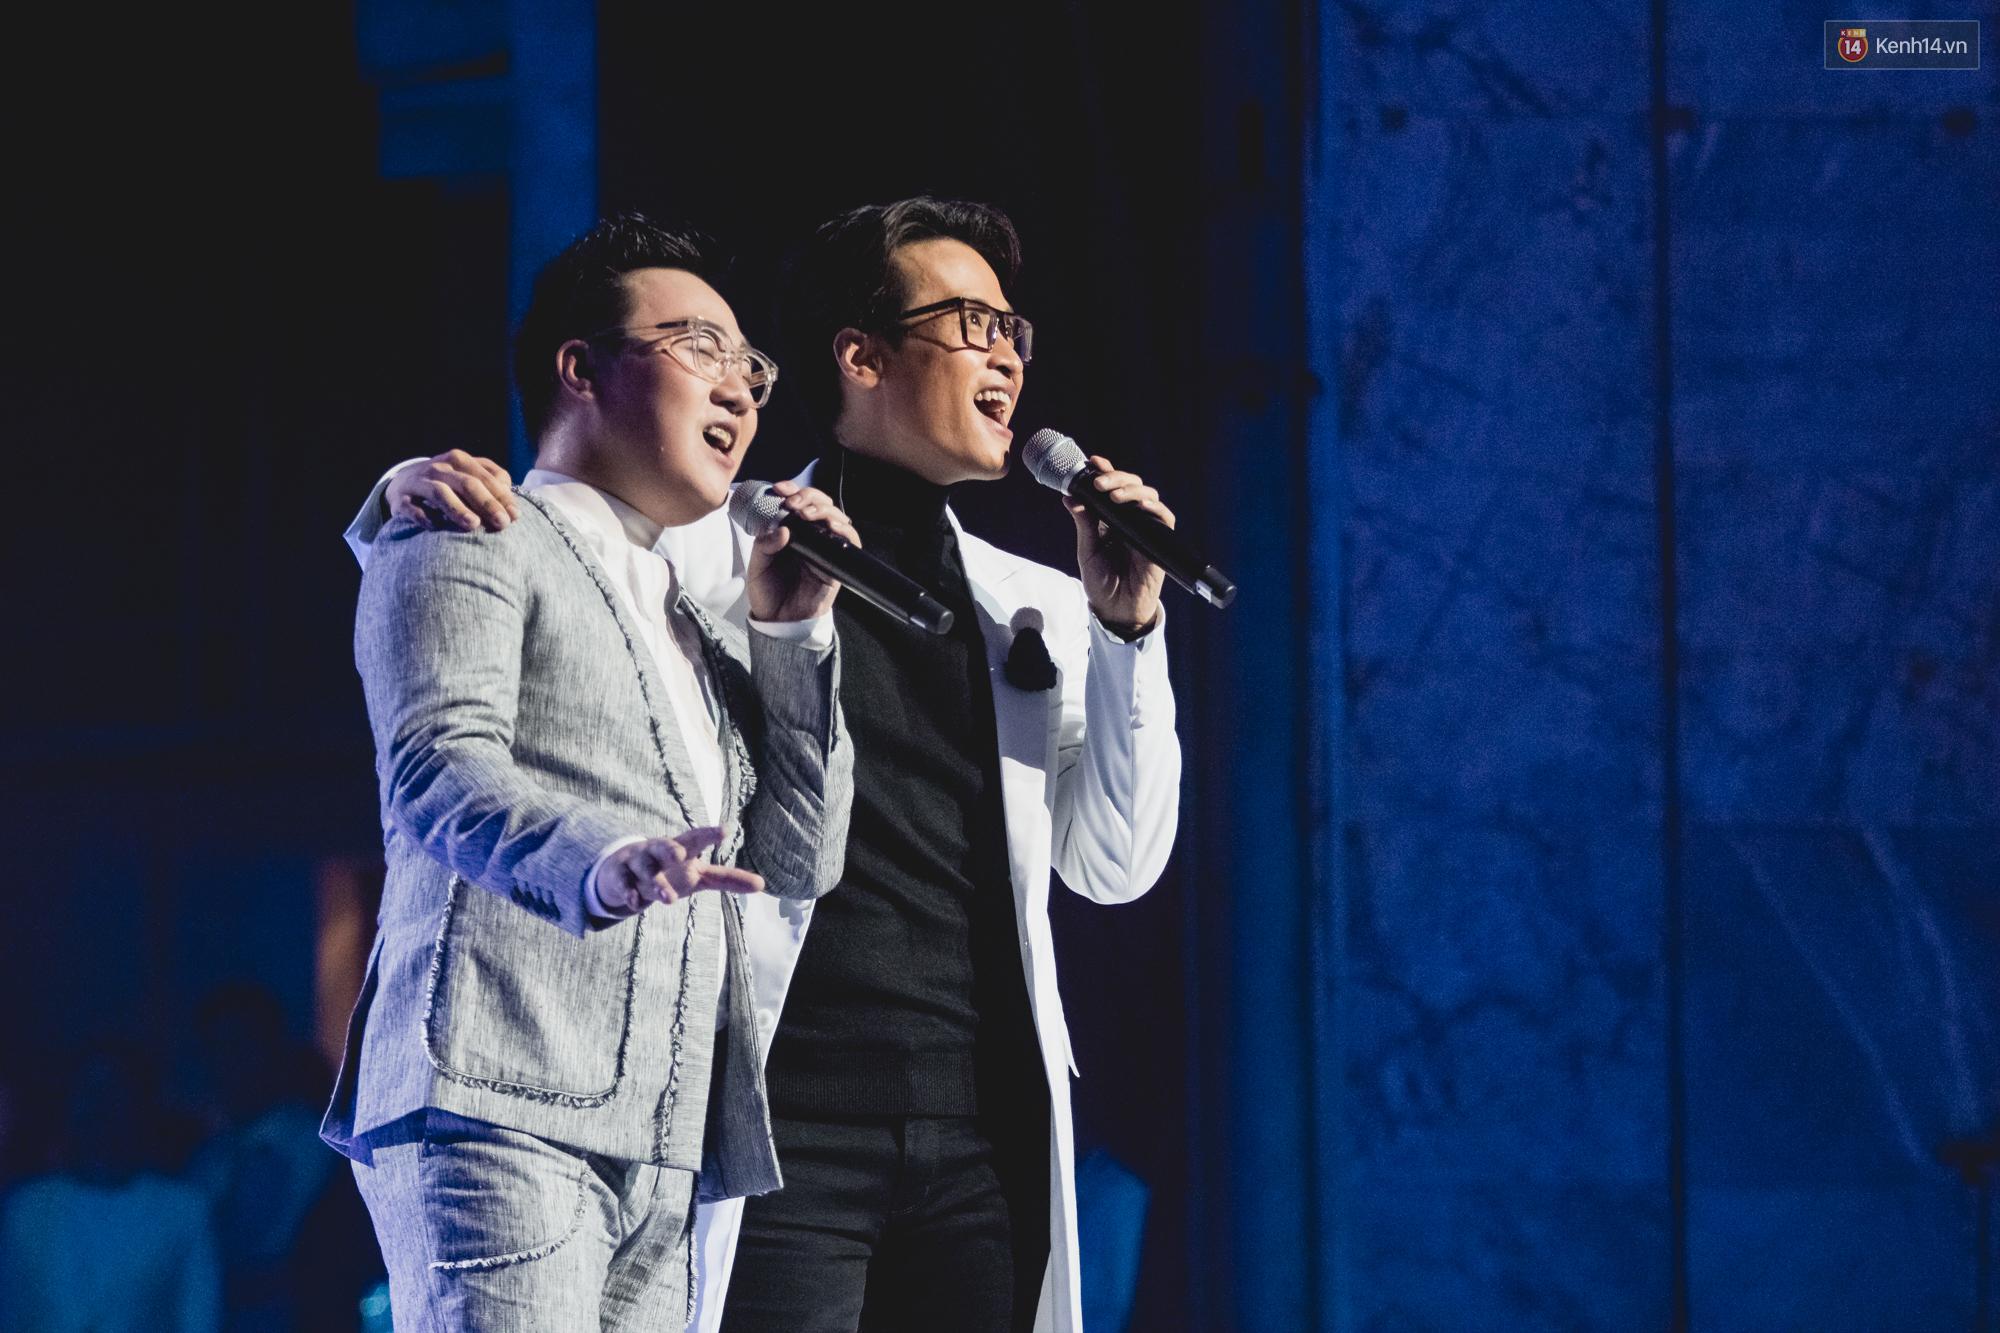 Hà Anh Tuấn đọ quãng giọng cao nổi da gà với Trung Quân Idol khi song ca Dấu mưa trong liveshow - Ảnh 3.